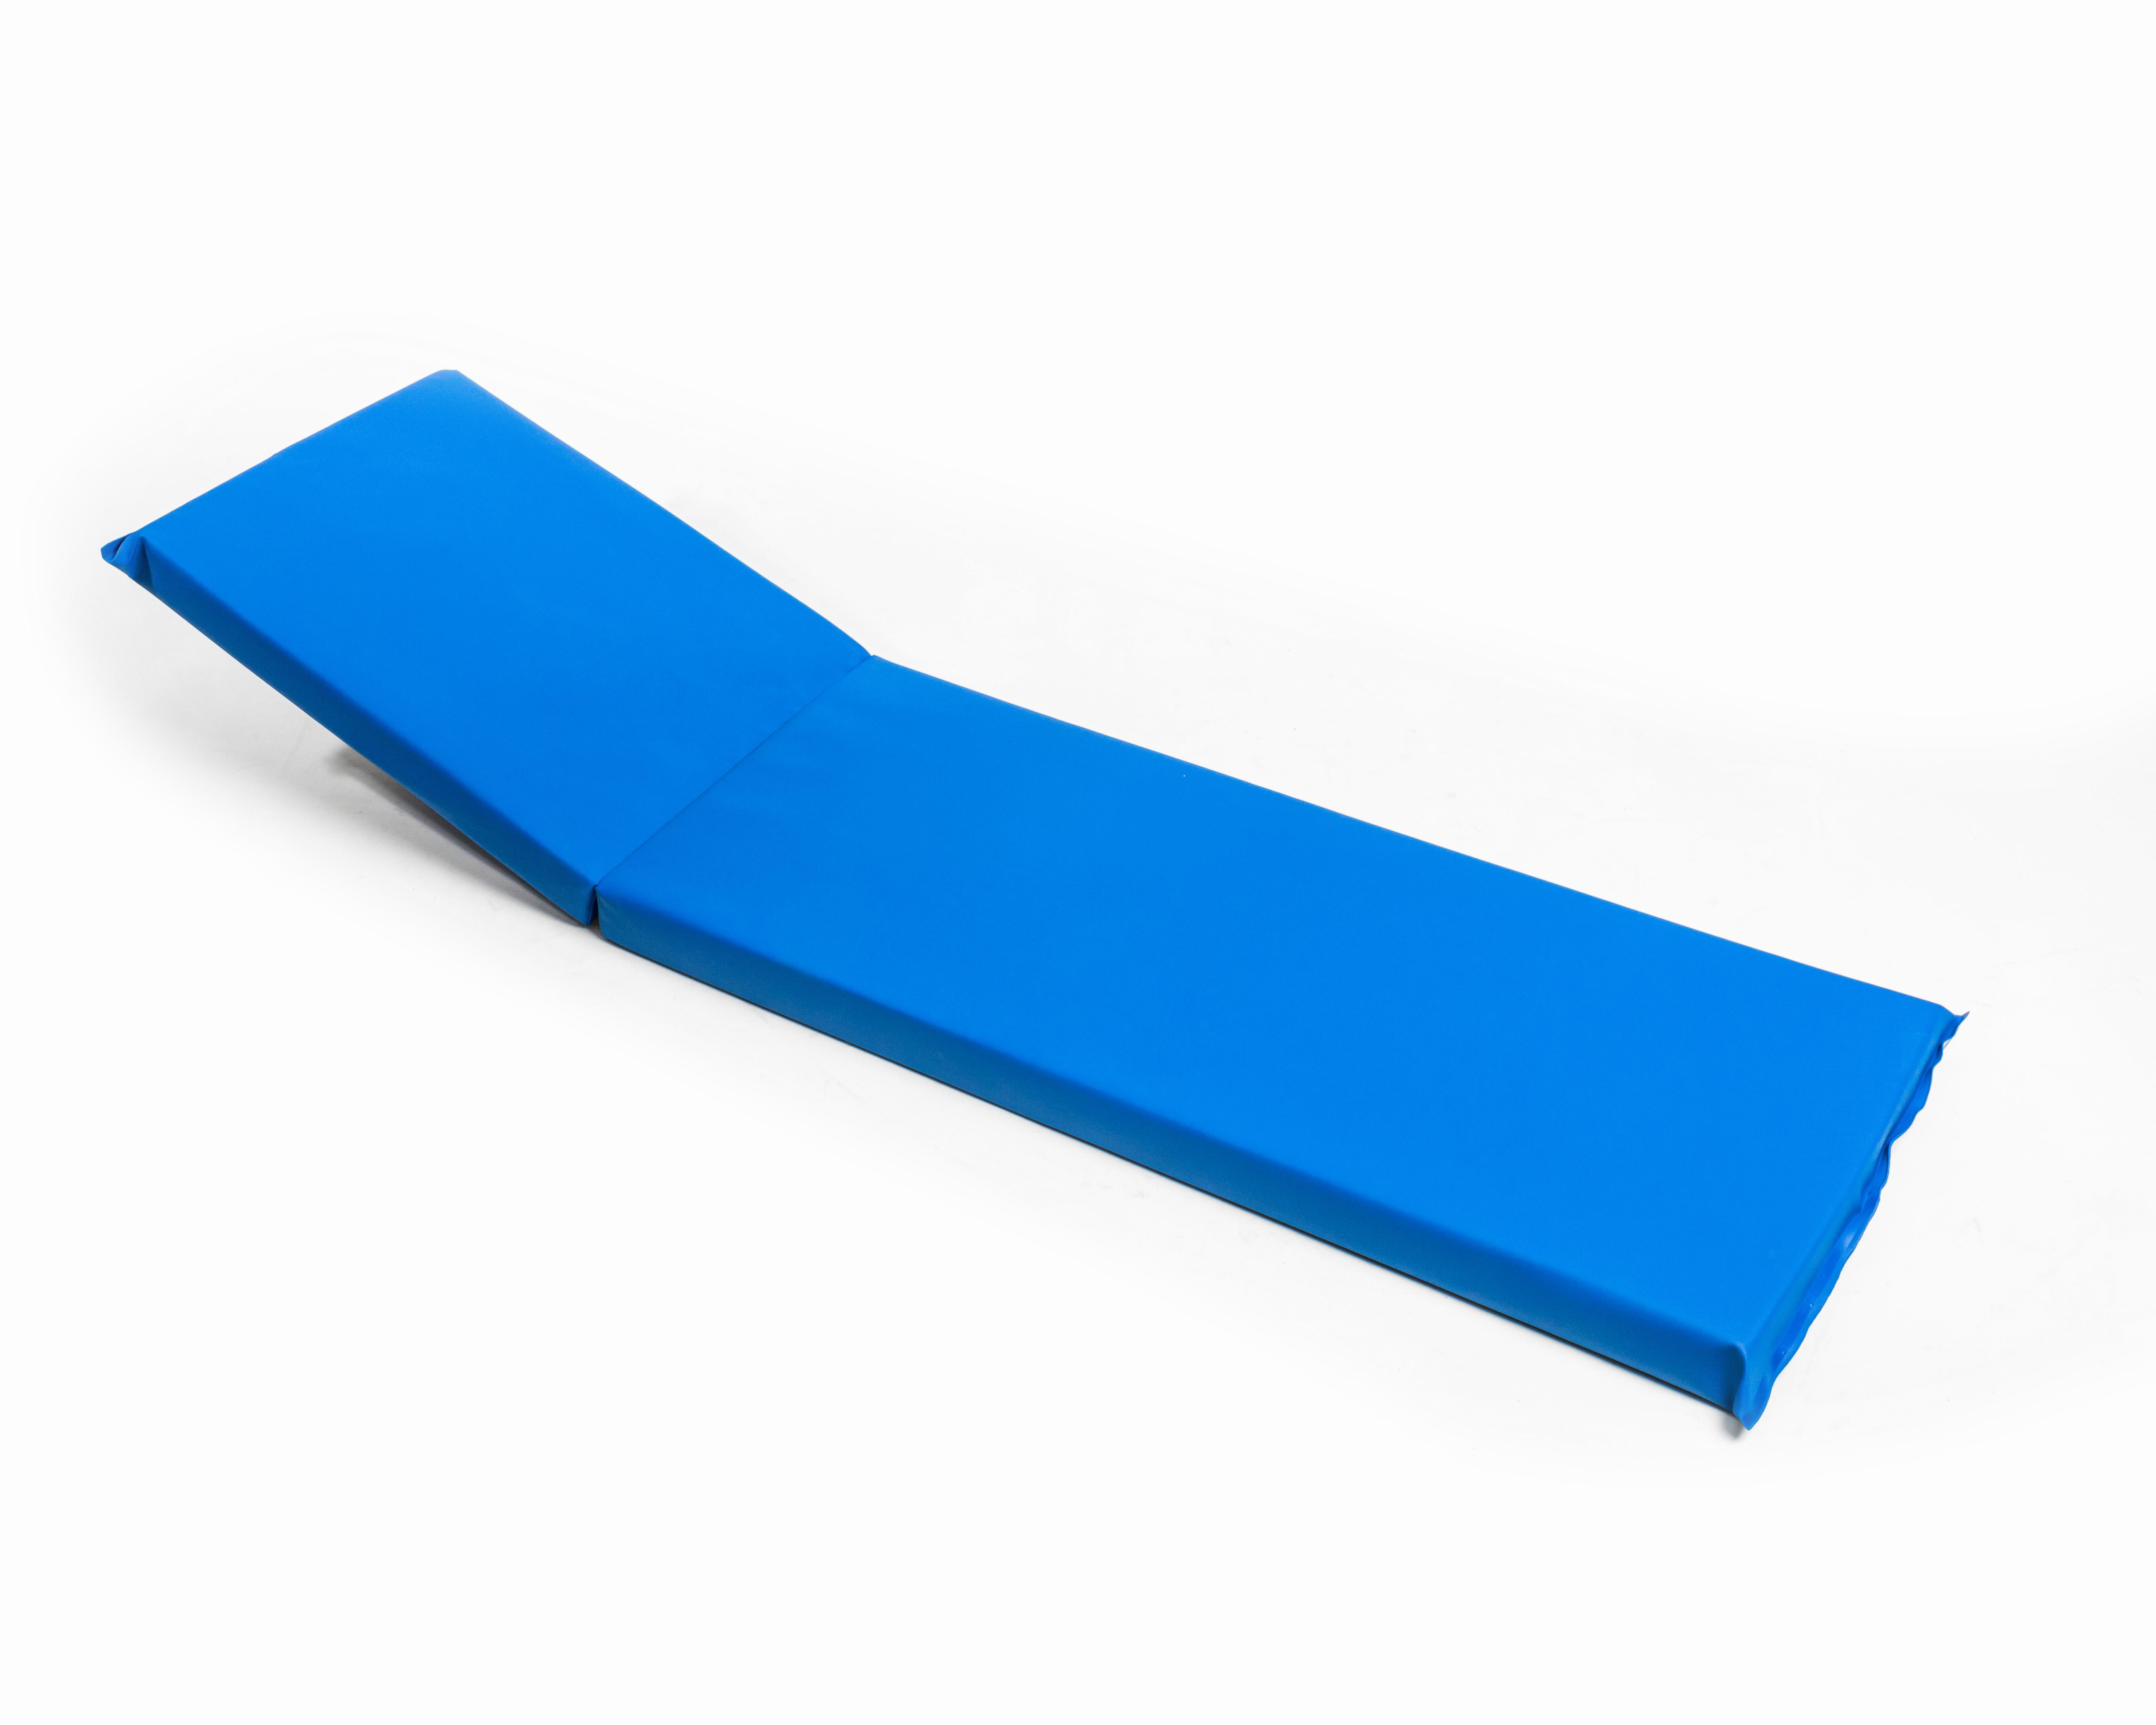 colchoneta azul modulada